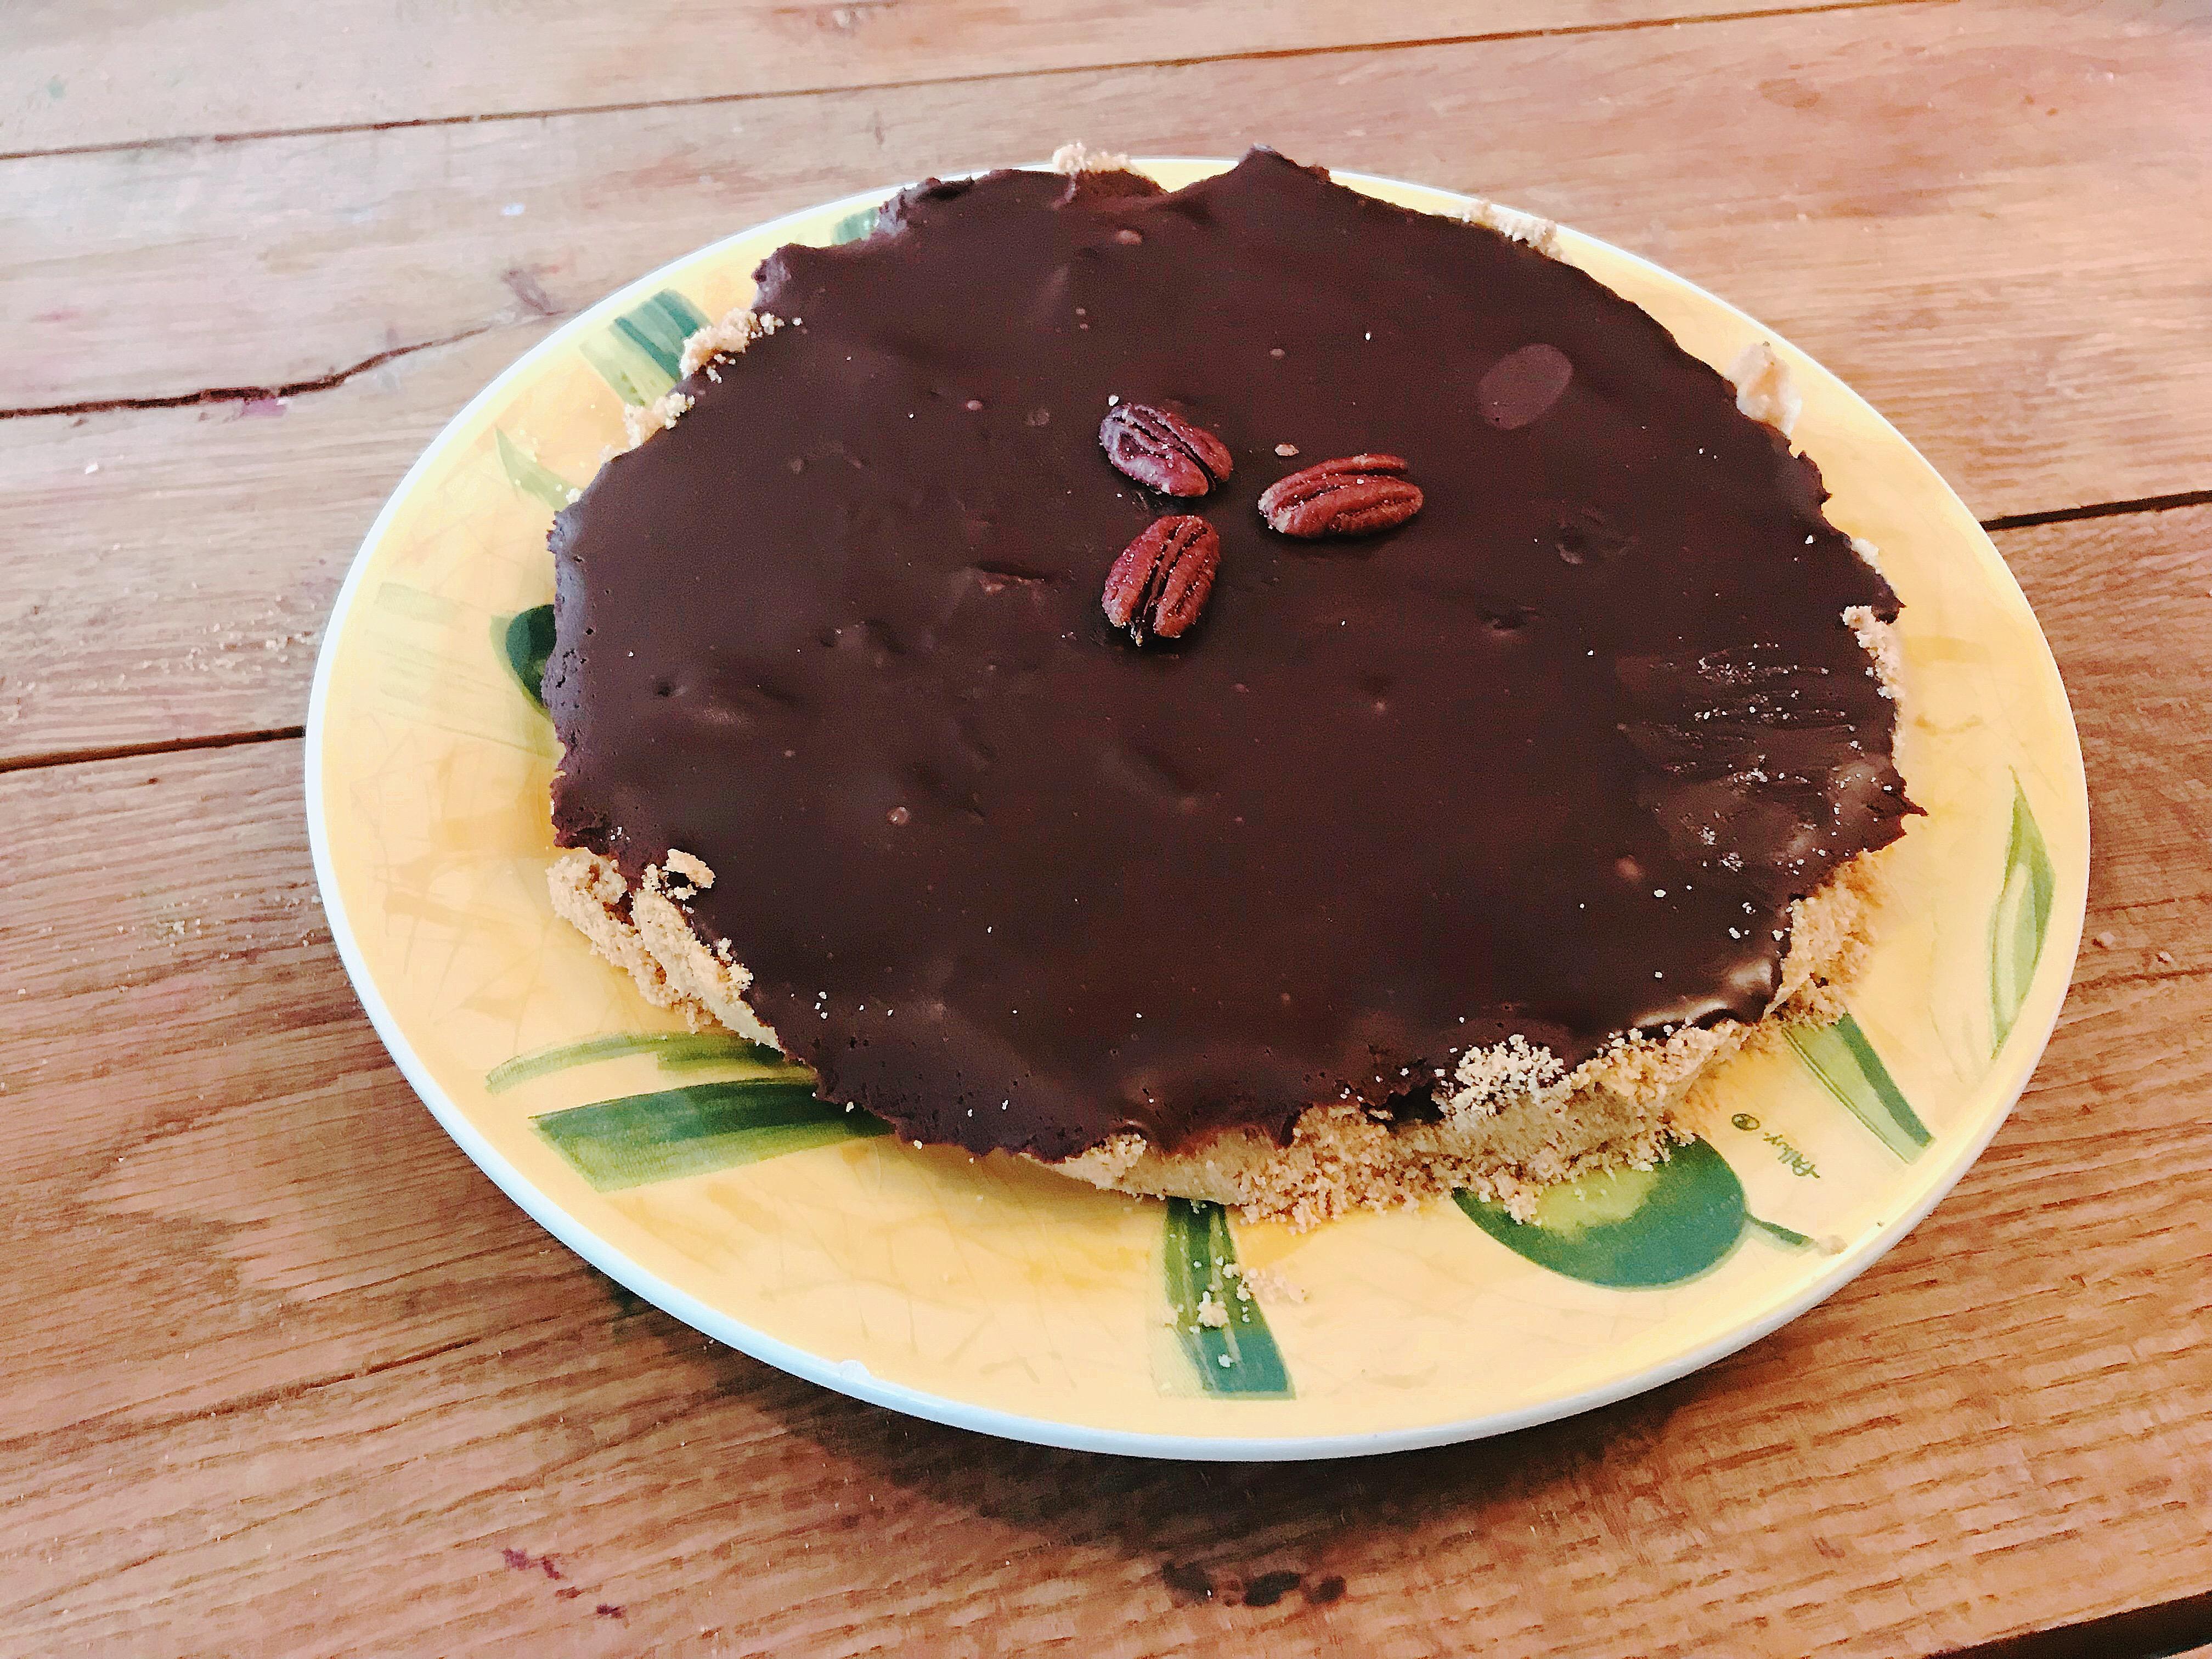 Chocoladetaart met ganache